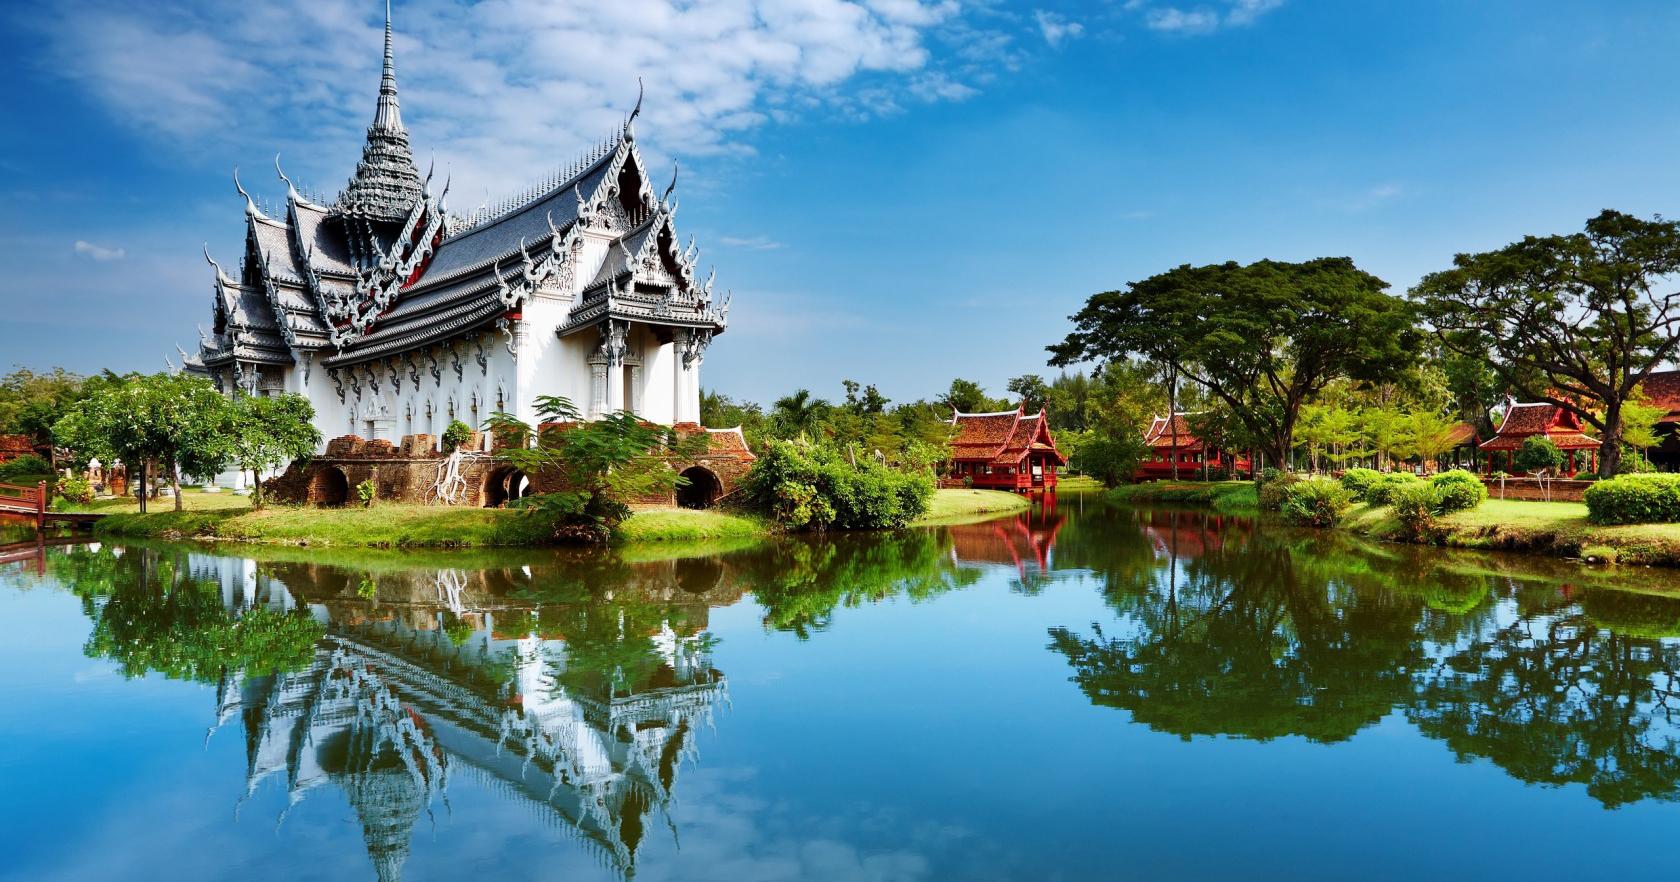 泰国旅游人物照片下载